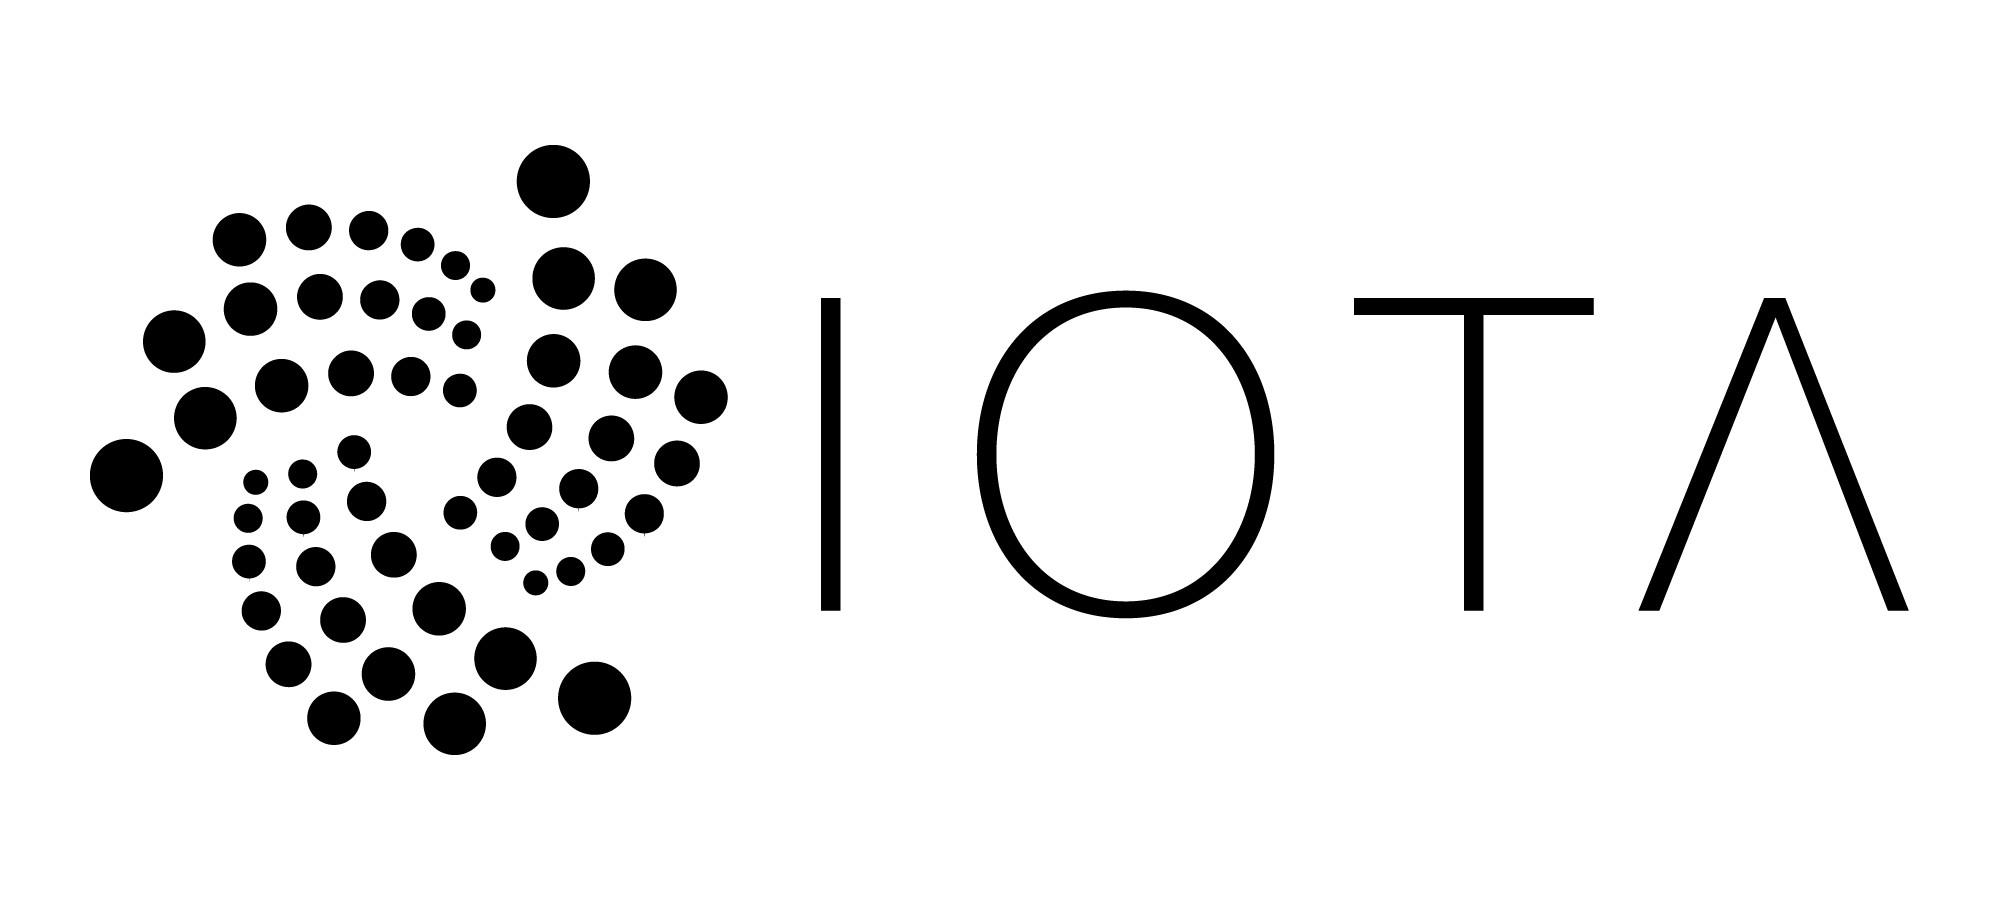 Criptomoeda IOTA deixa rede suspensa após ataque de hackers